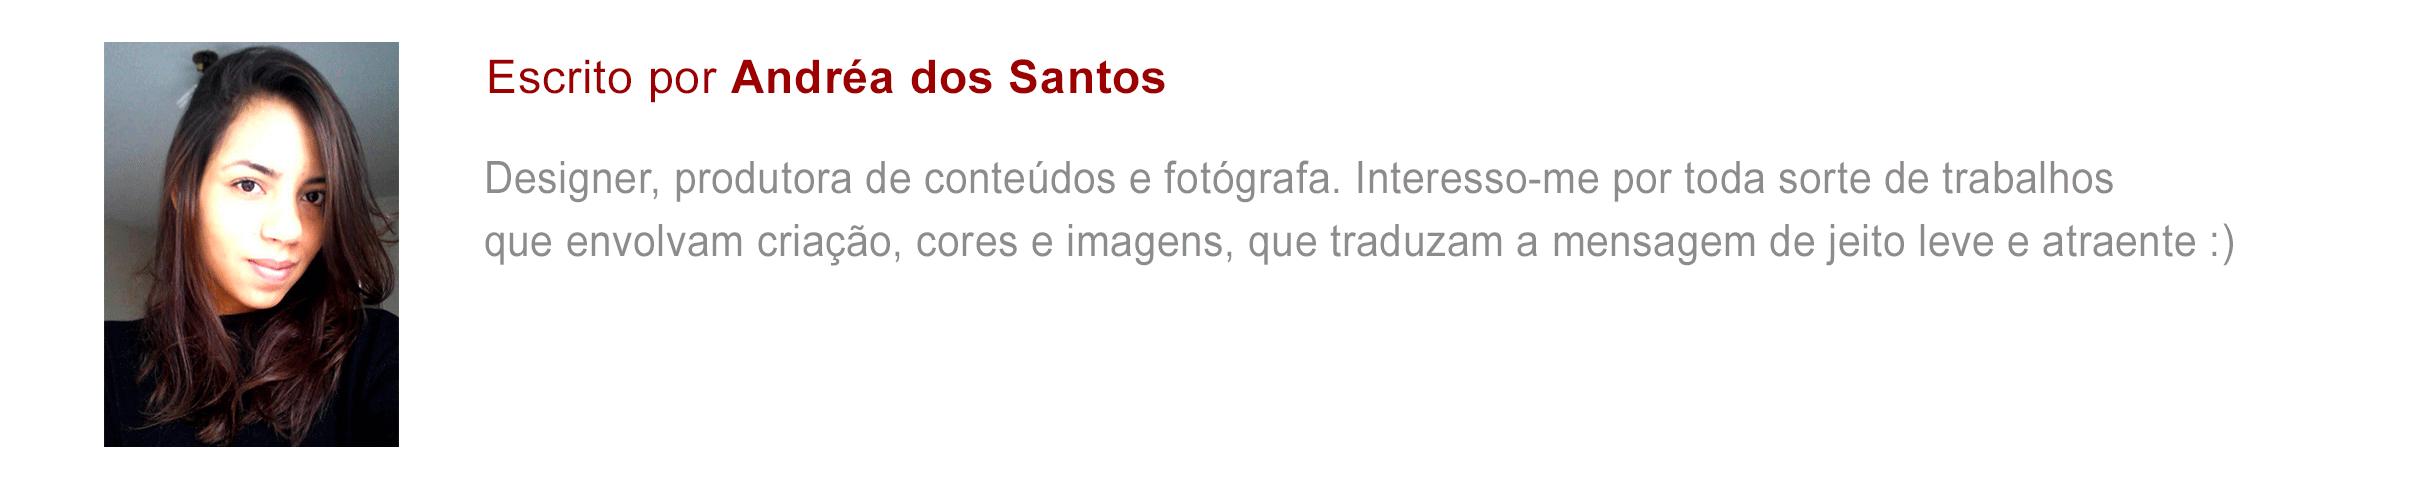 @andreasantdos Designer, produtora de conteúdo e fotógrafa.